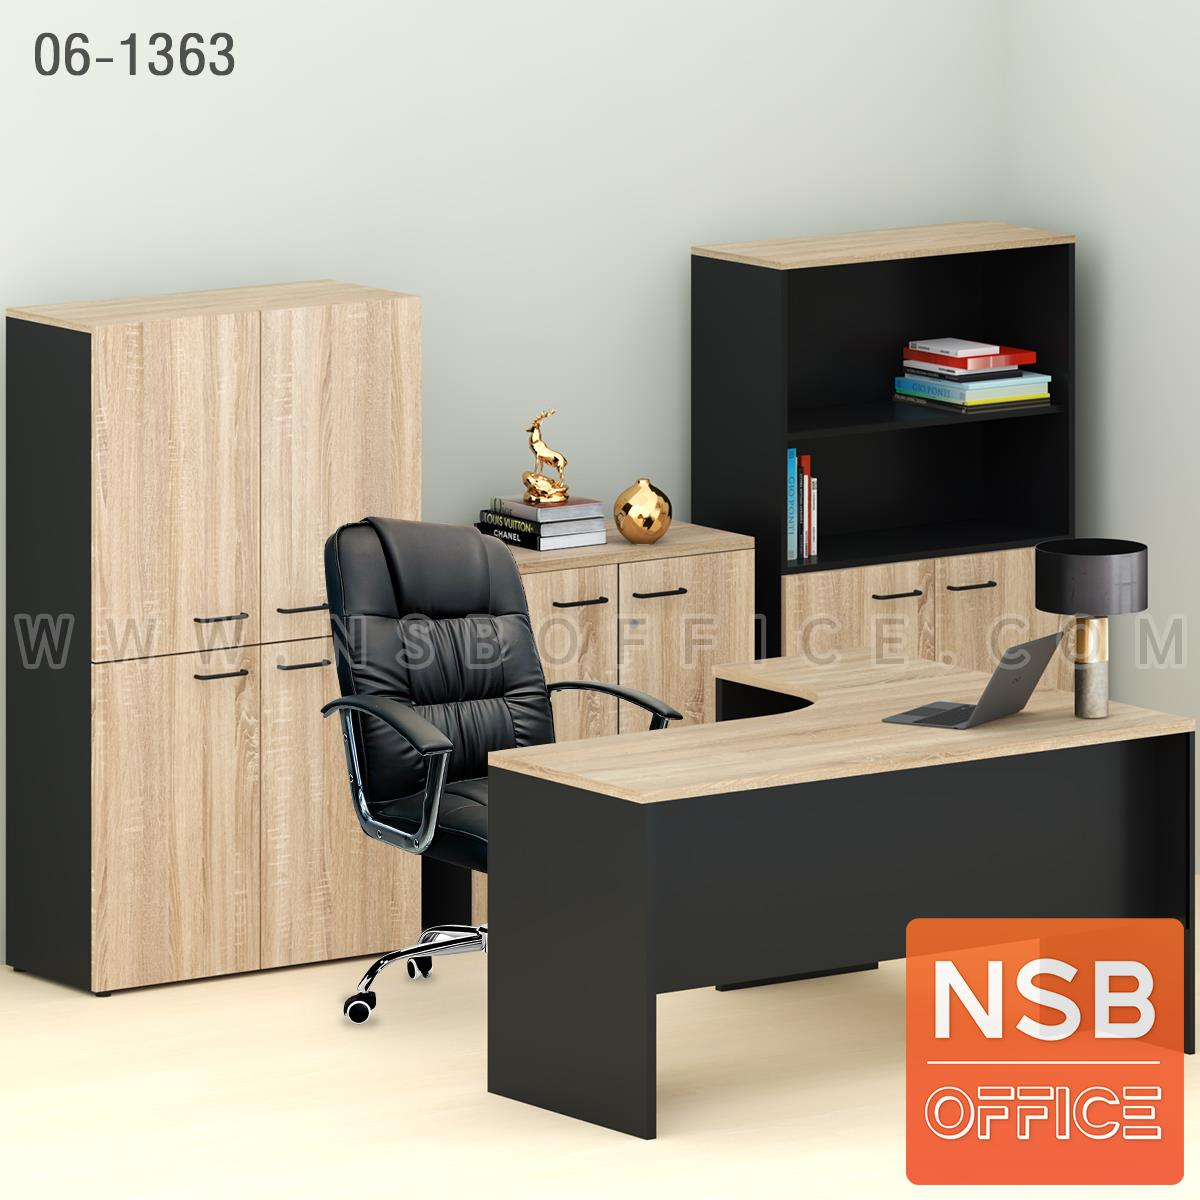 SETA002:เซ็ตโต๊ะทำงานตัวแอล สีโซโนม่า รุ่น Zono (โซโน่)  พร้อมตู้เก็บเอกสาร เก้าอี้สำนักงาน (รวม 5 ชิ้น)